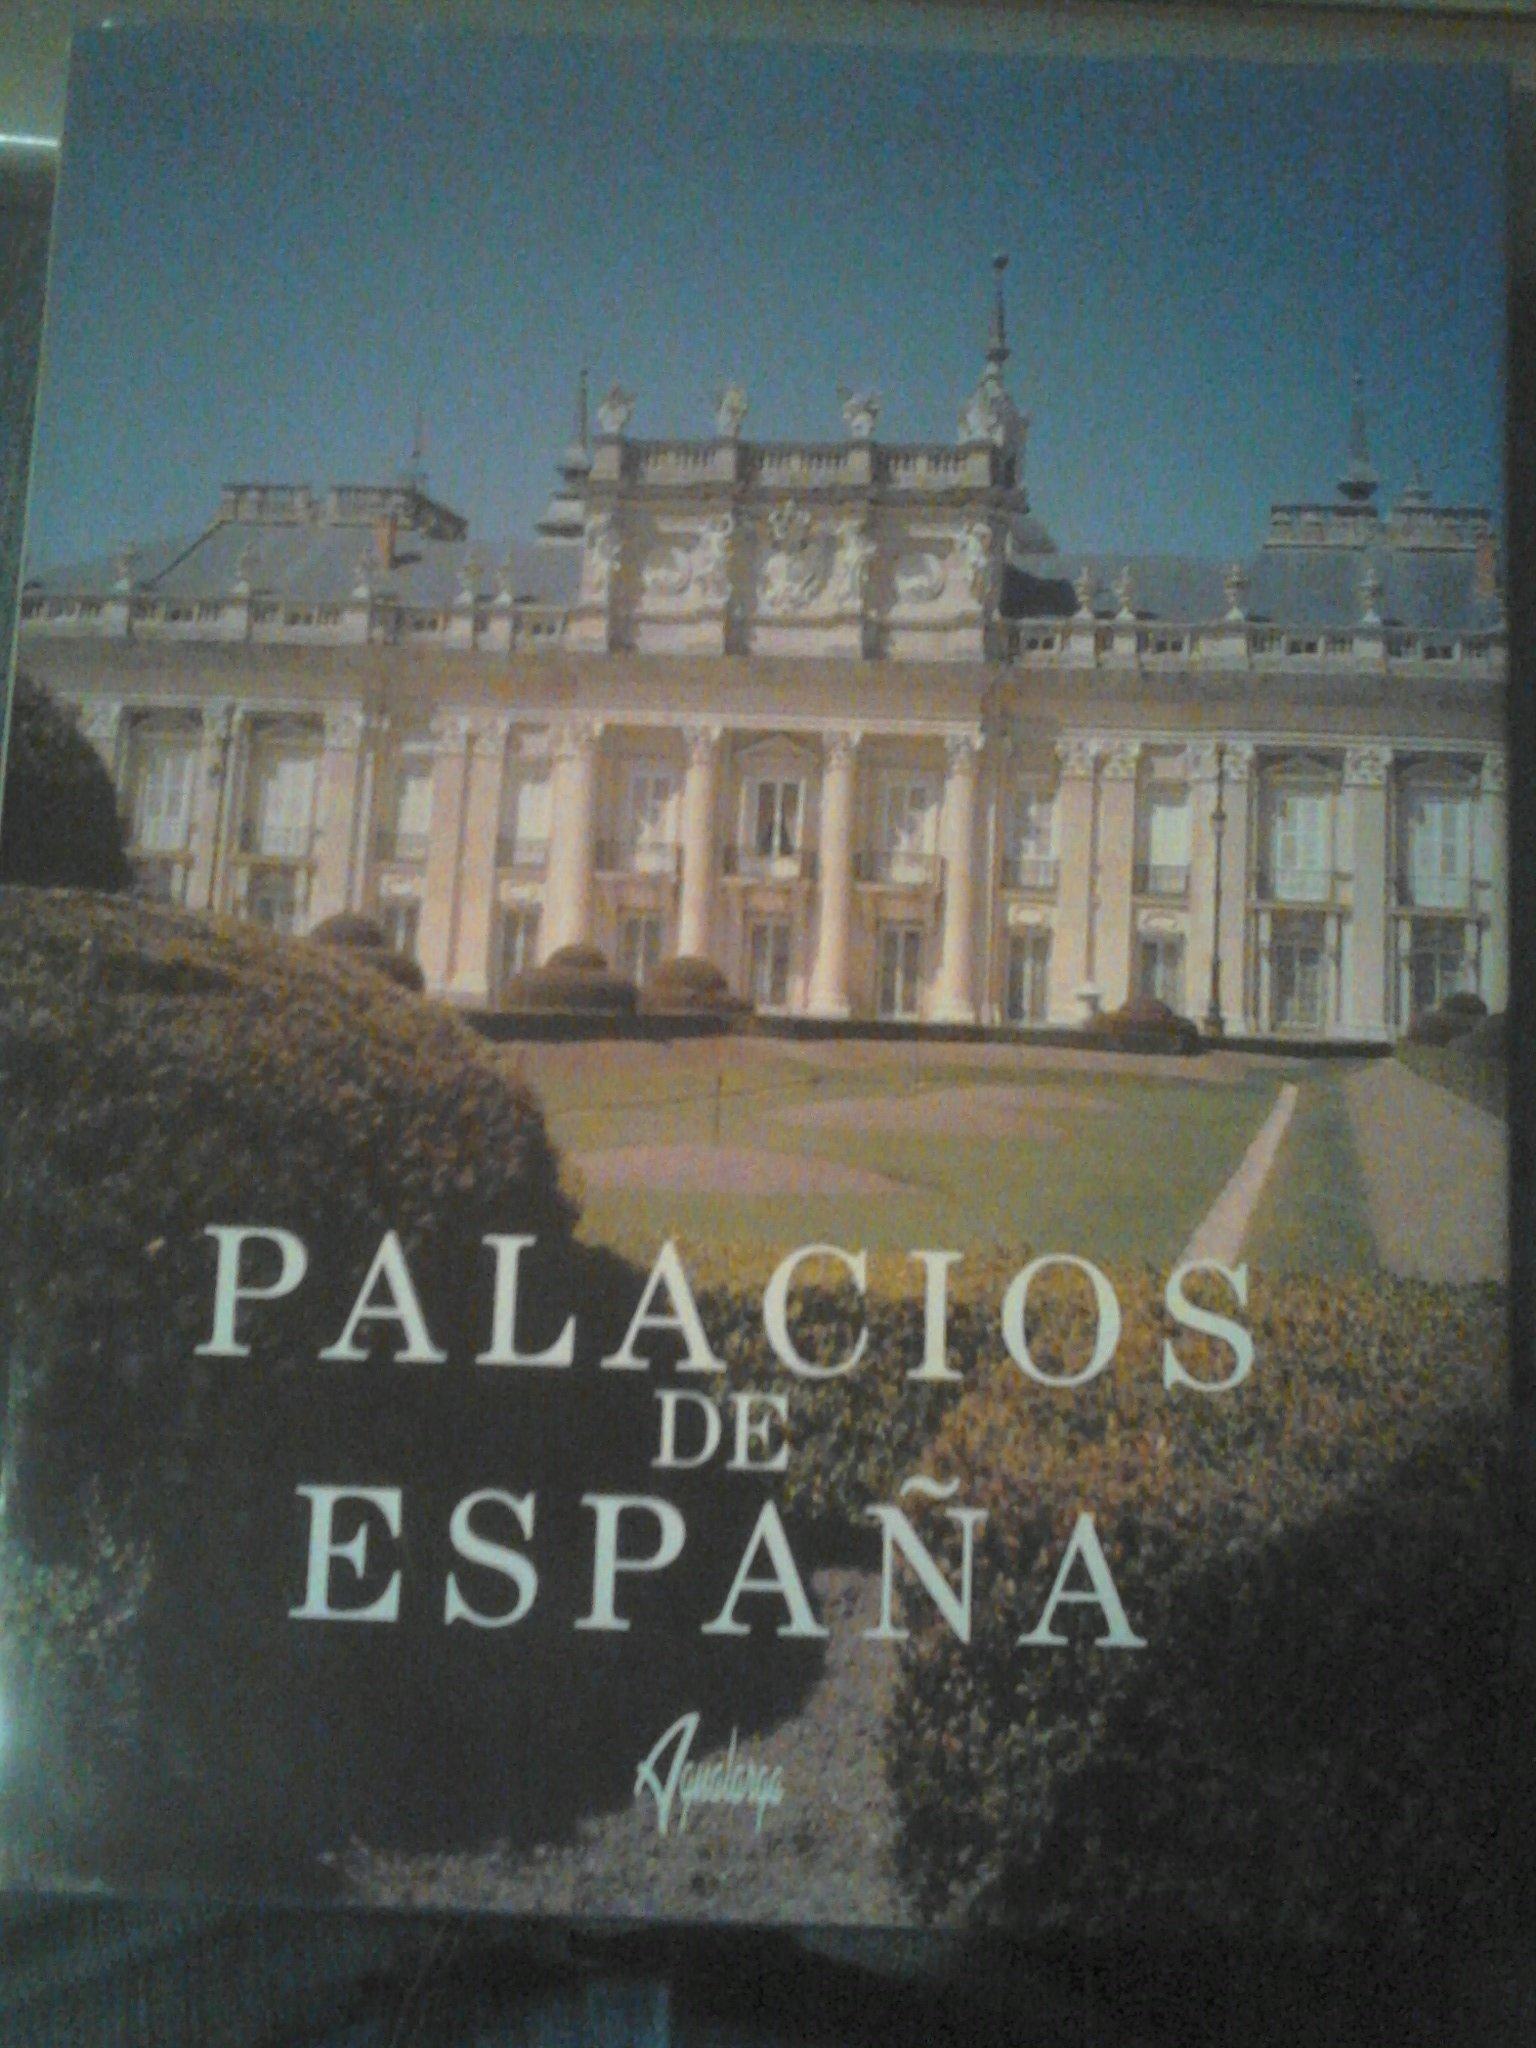 Palacios de España: Amazon.es: ALVAREZ SANCHEZ, ROSA Mª: Libros